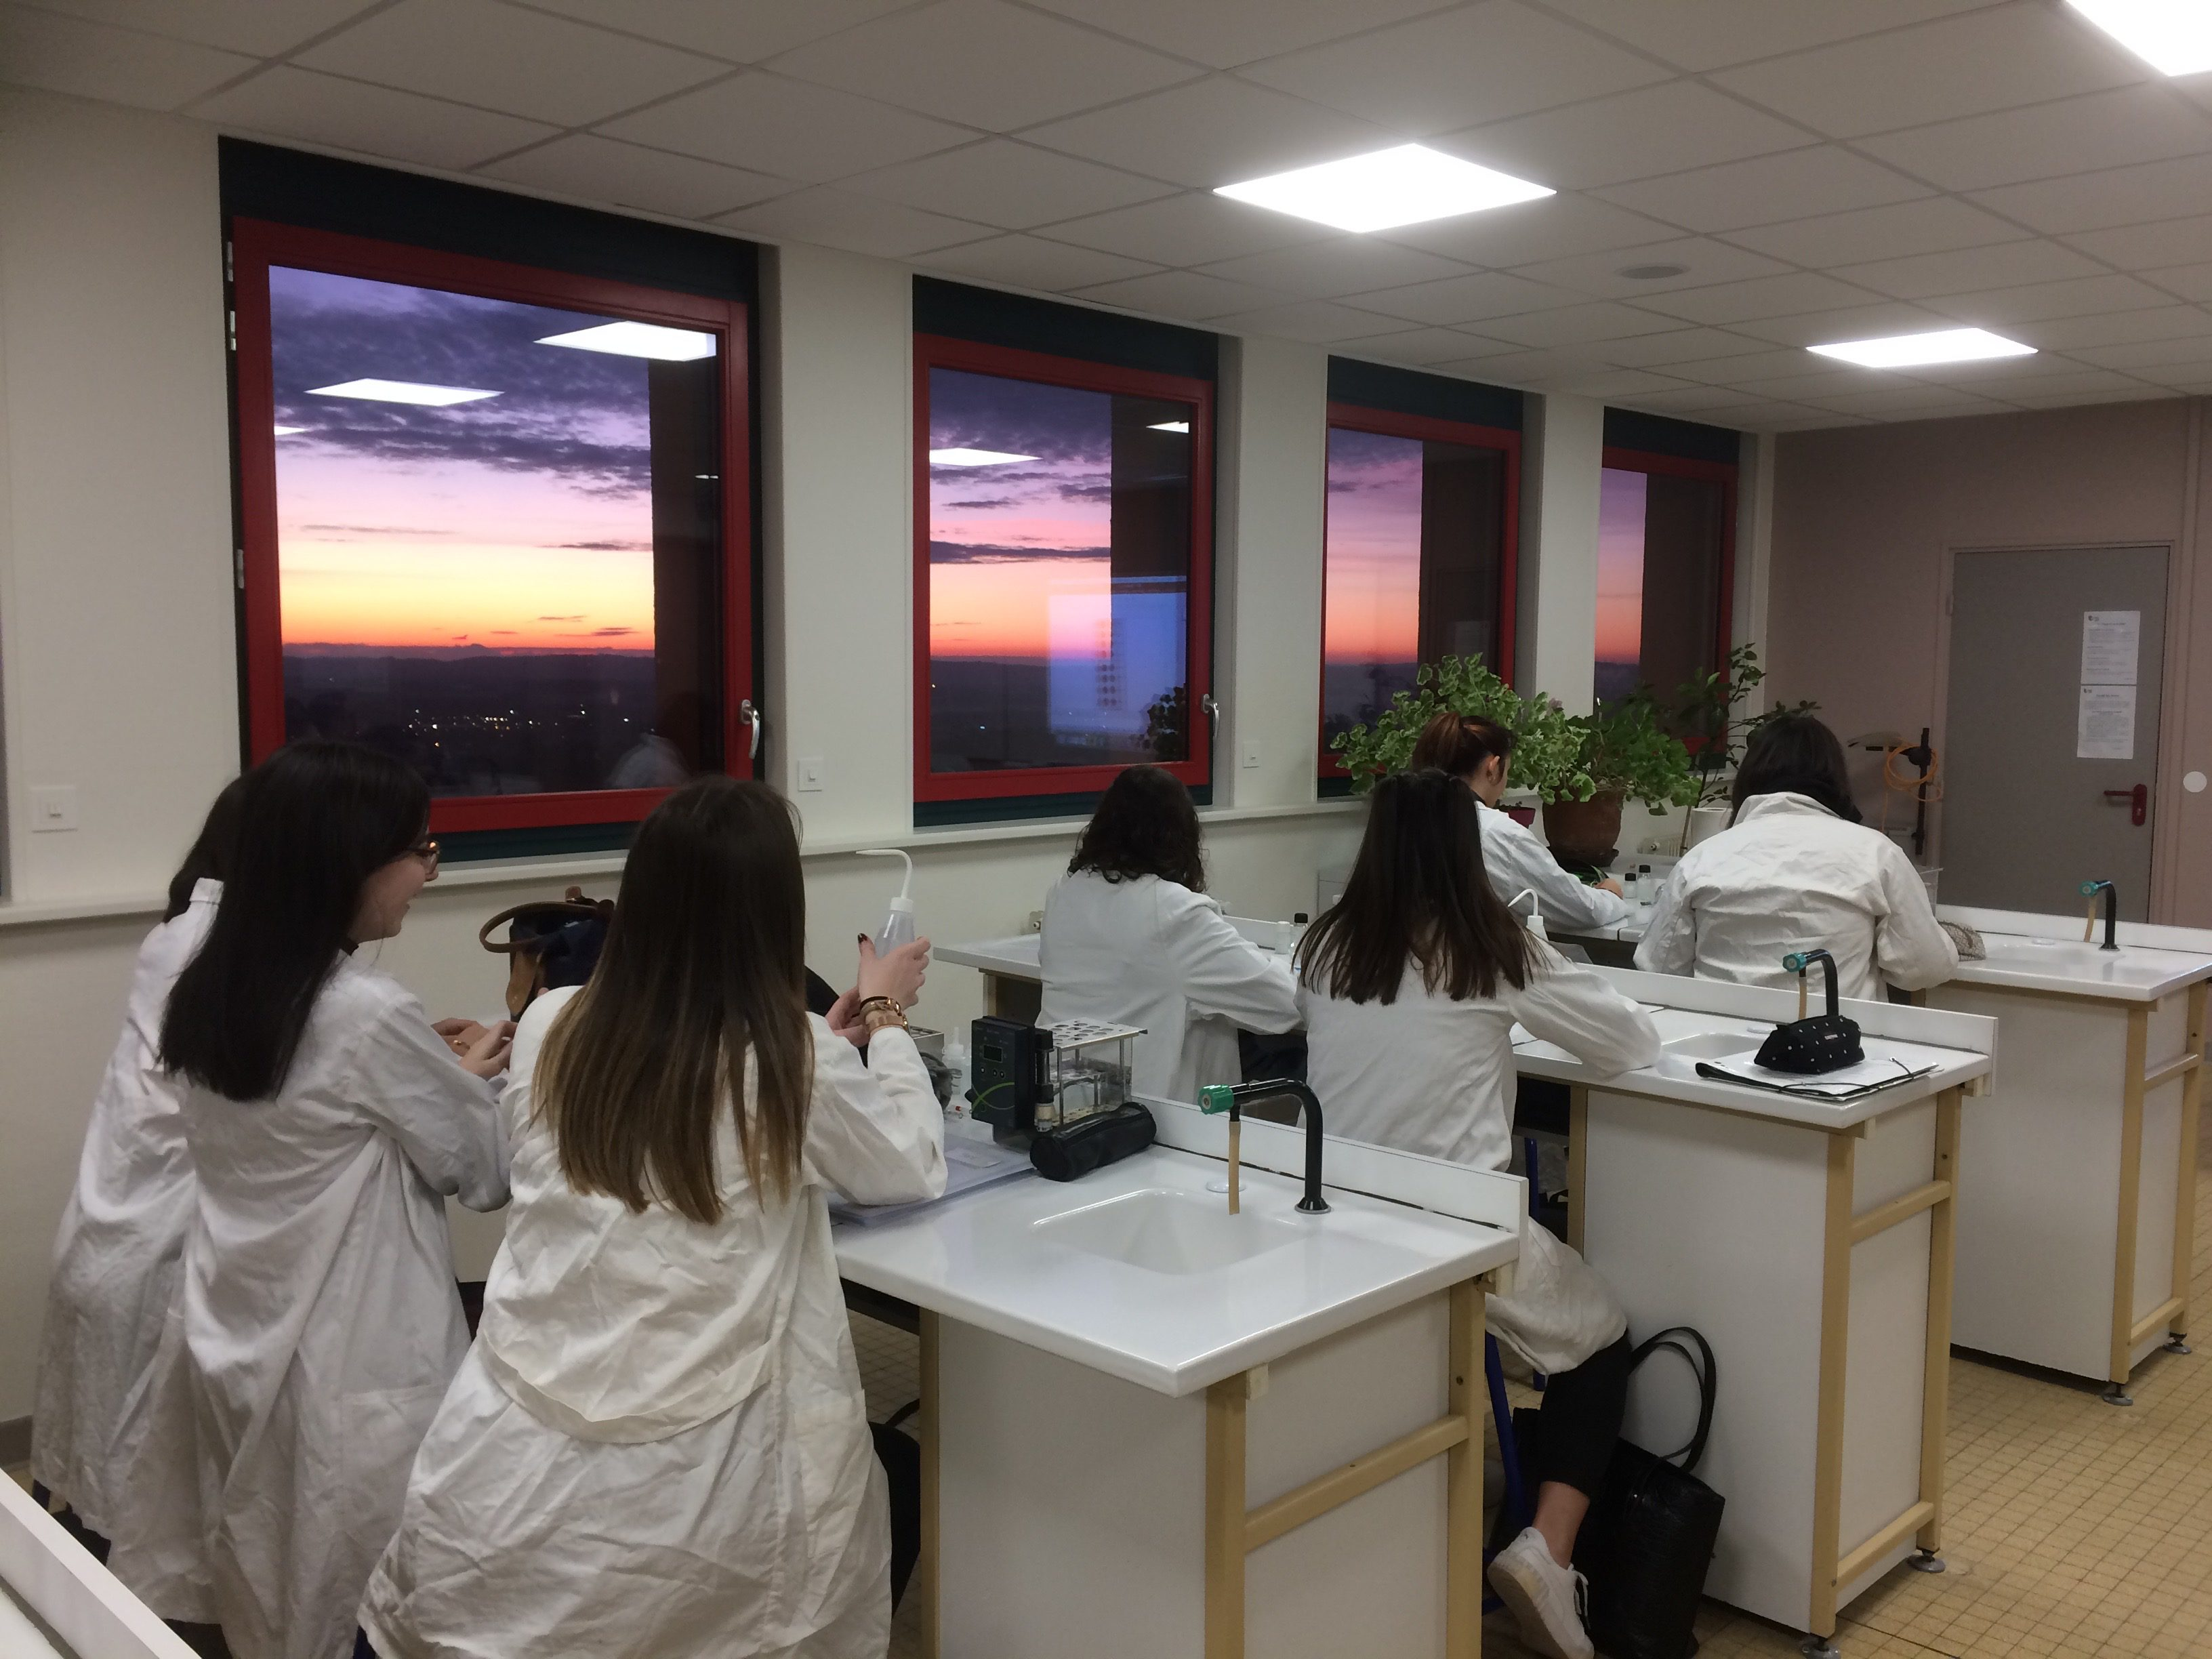 Des élèves au cours d'une activité expérimentale